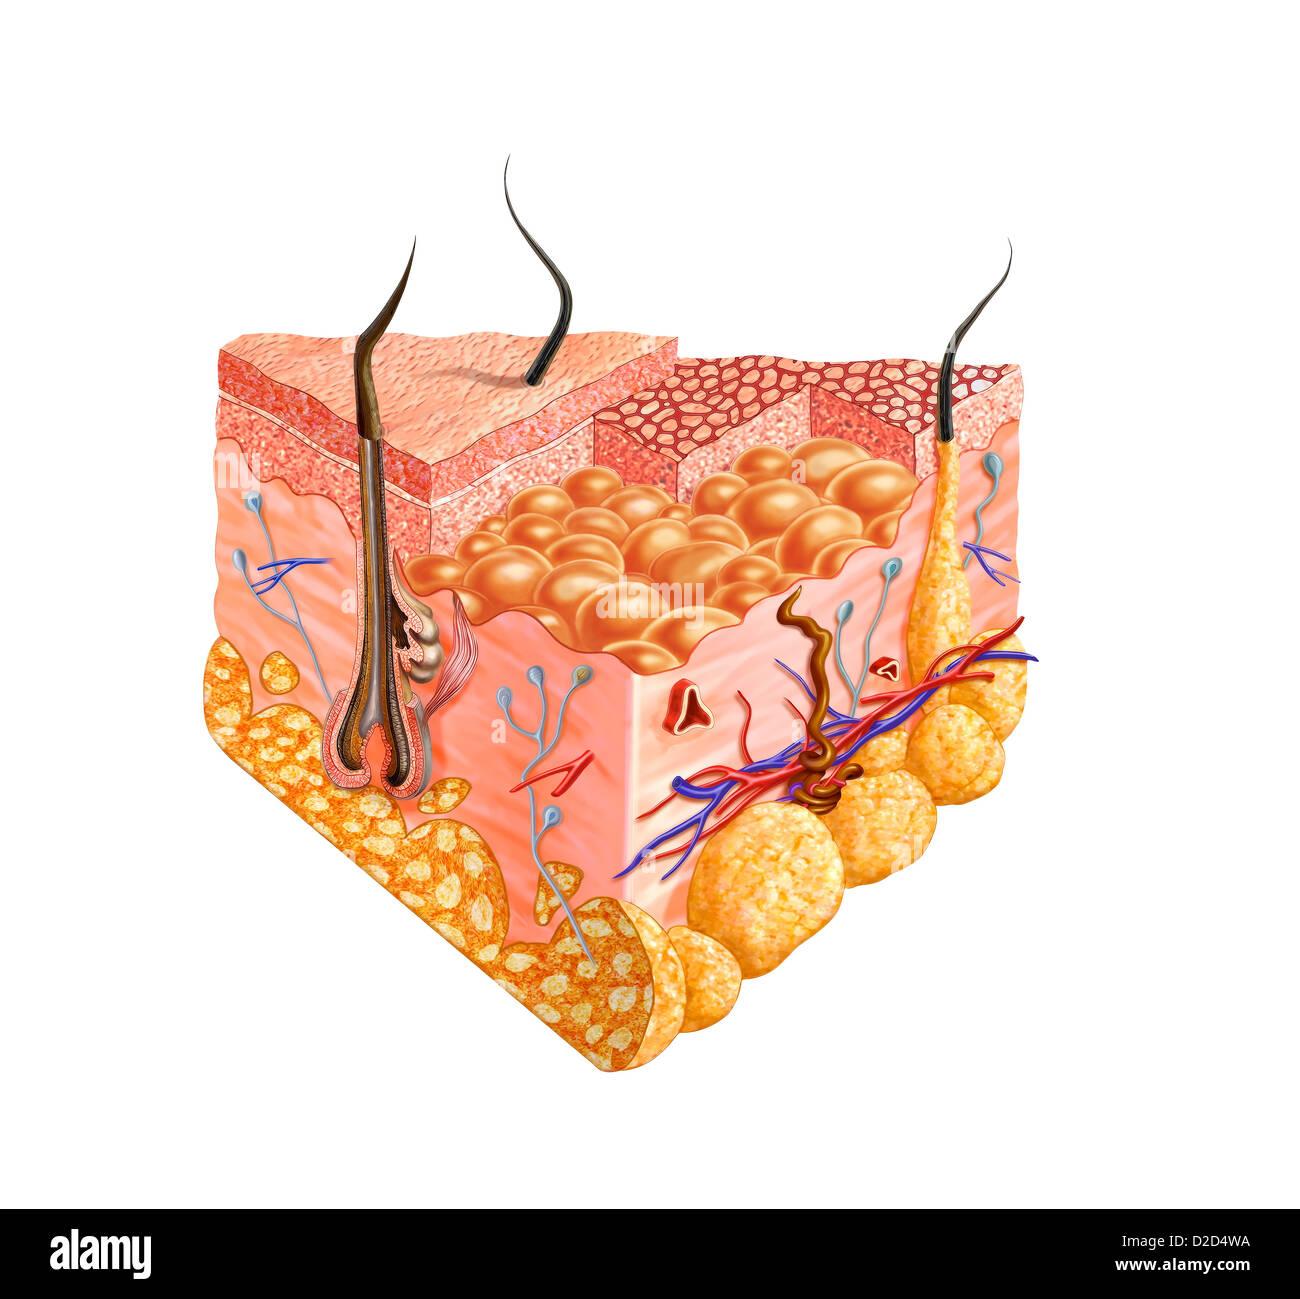 Menschliche Haut Anatomie Computer Grafik Stockfoto, Bild: 53149638 ...